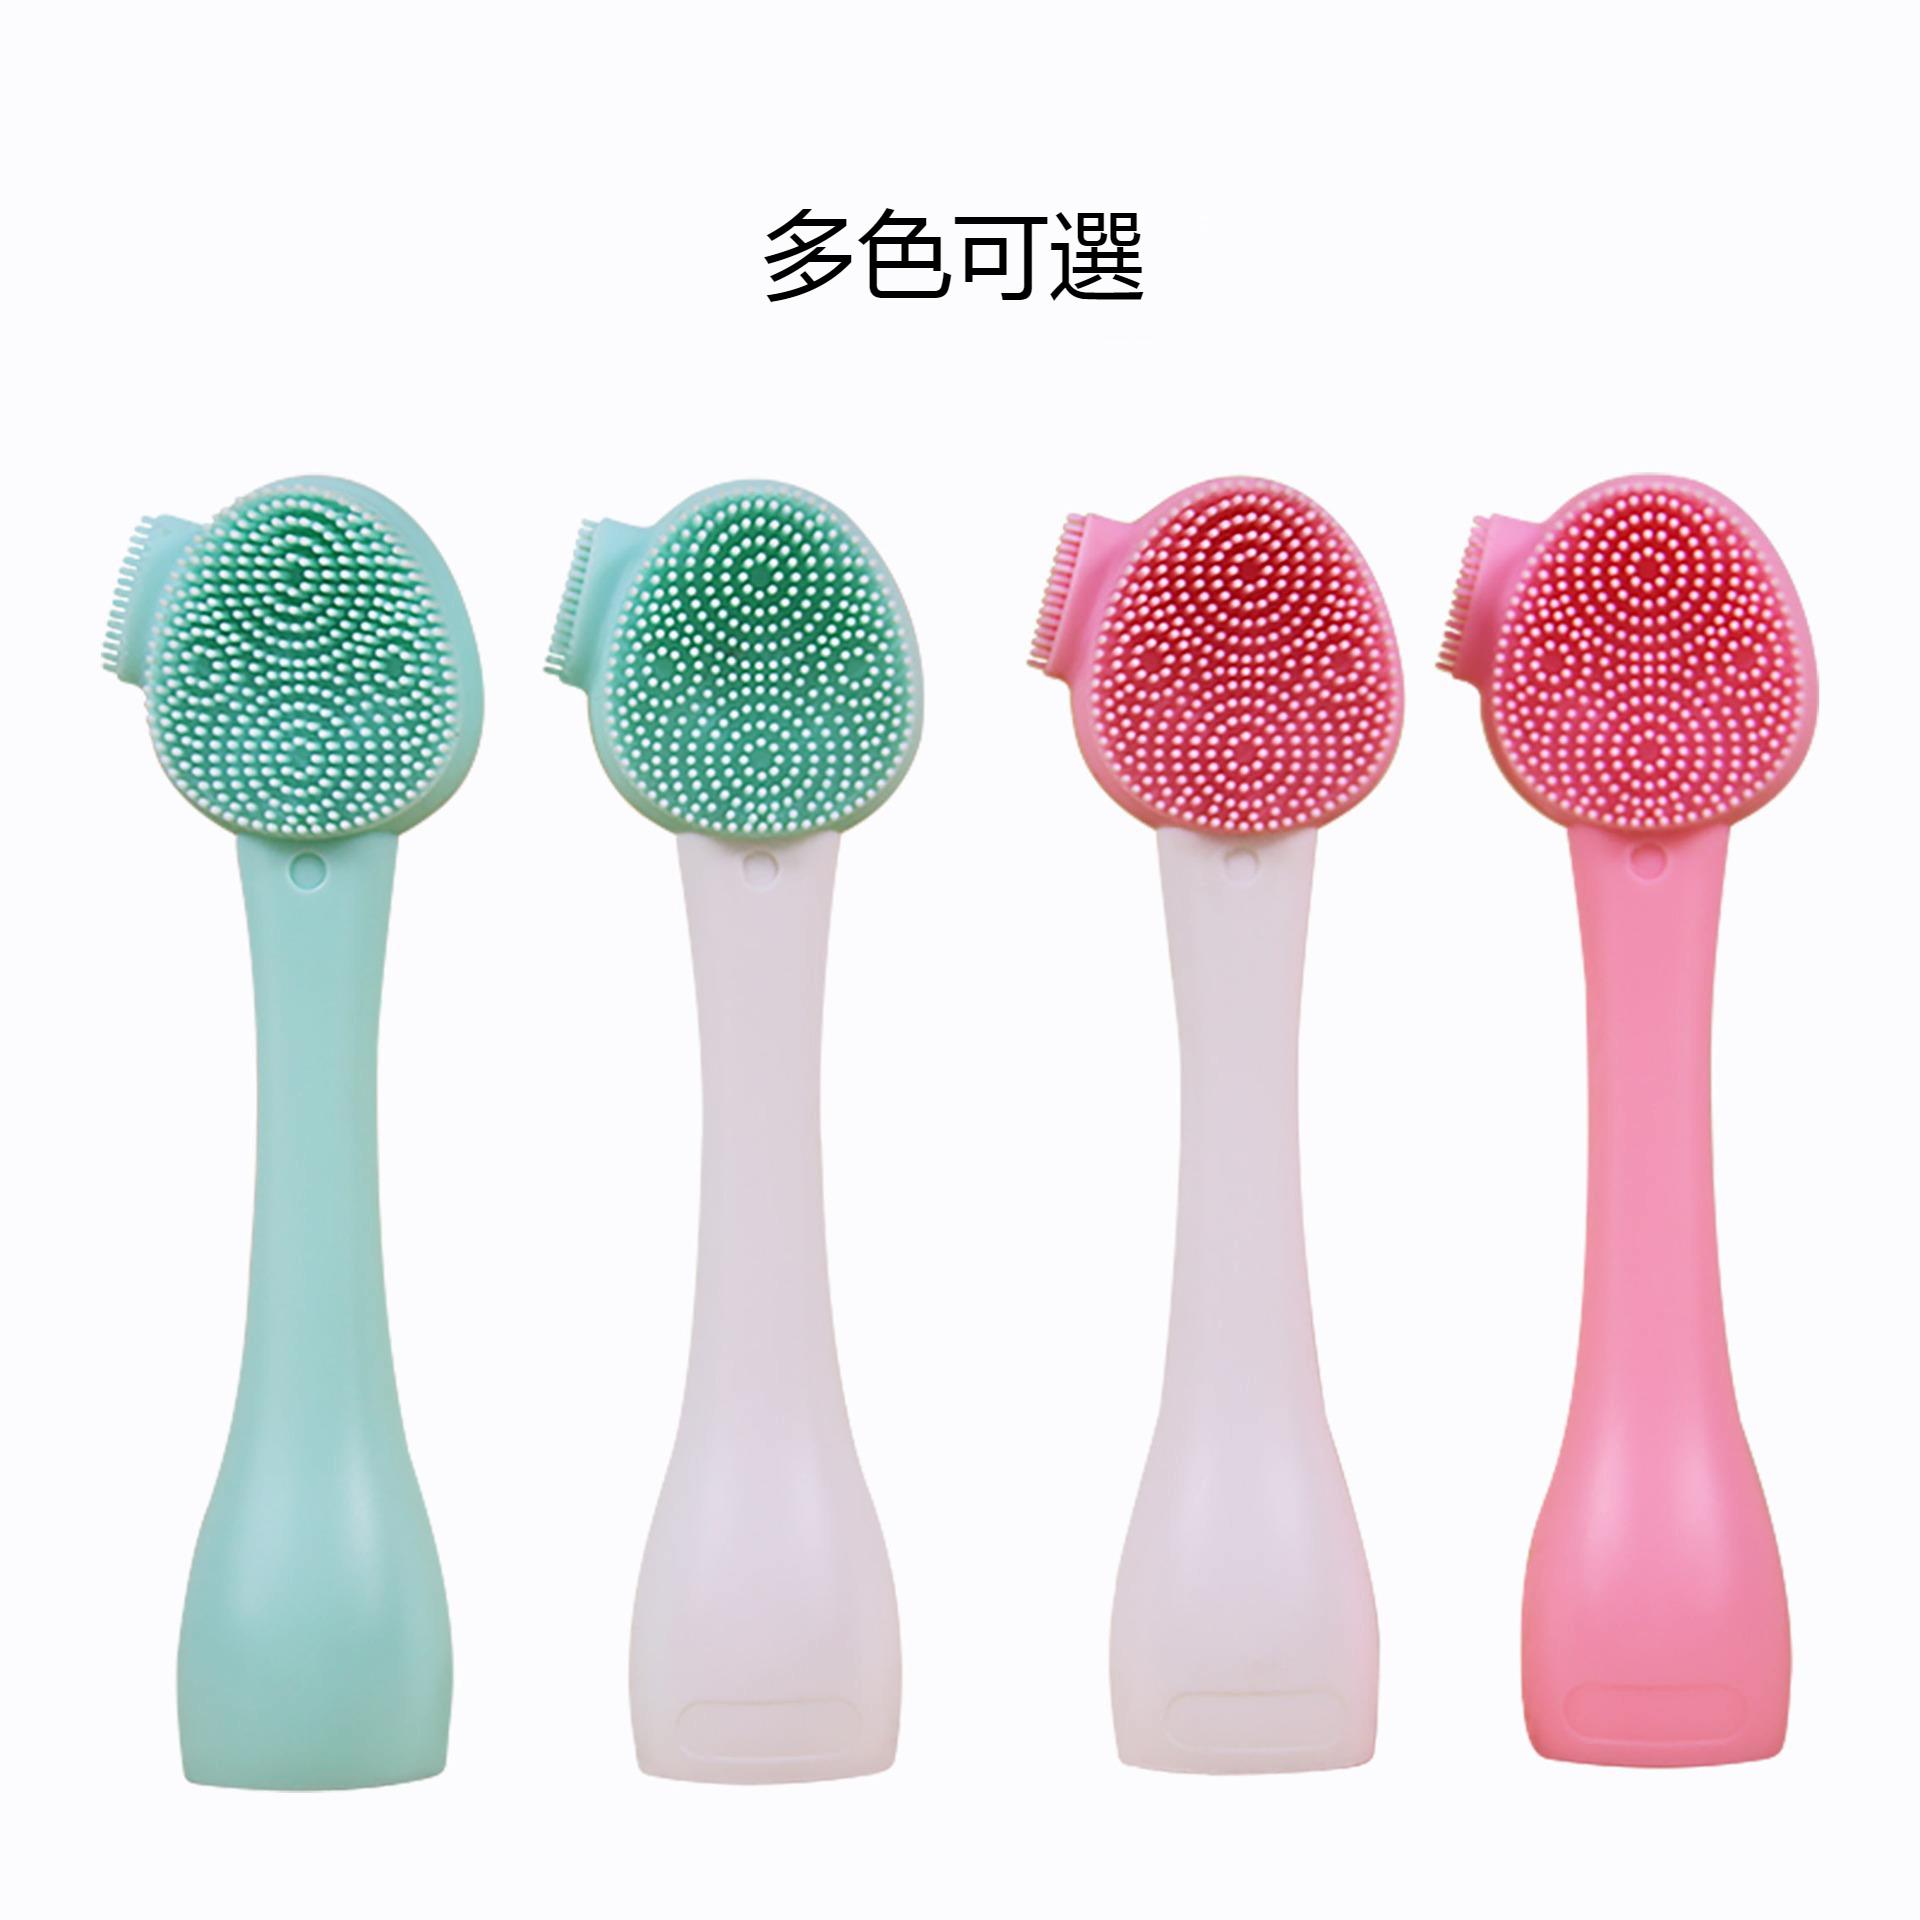 手持矽膠潔面刷 面膜泥膜調膜卸妝刷面部清潔矽膠洗臉刷